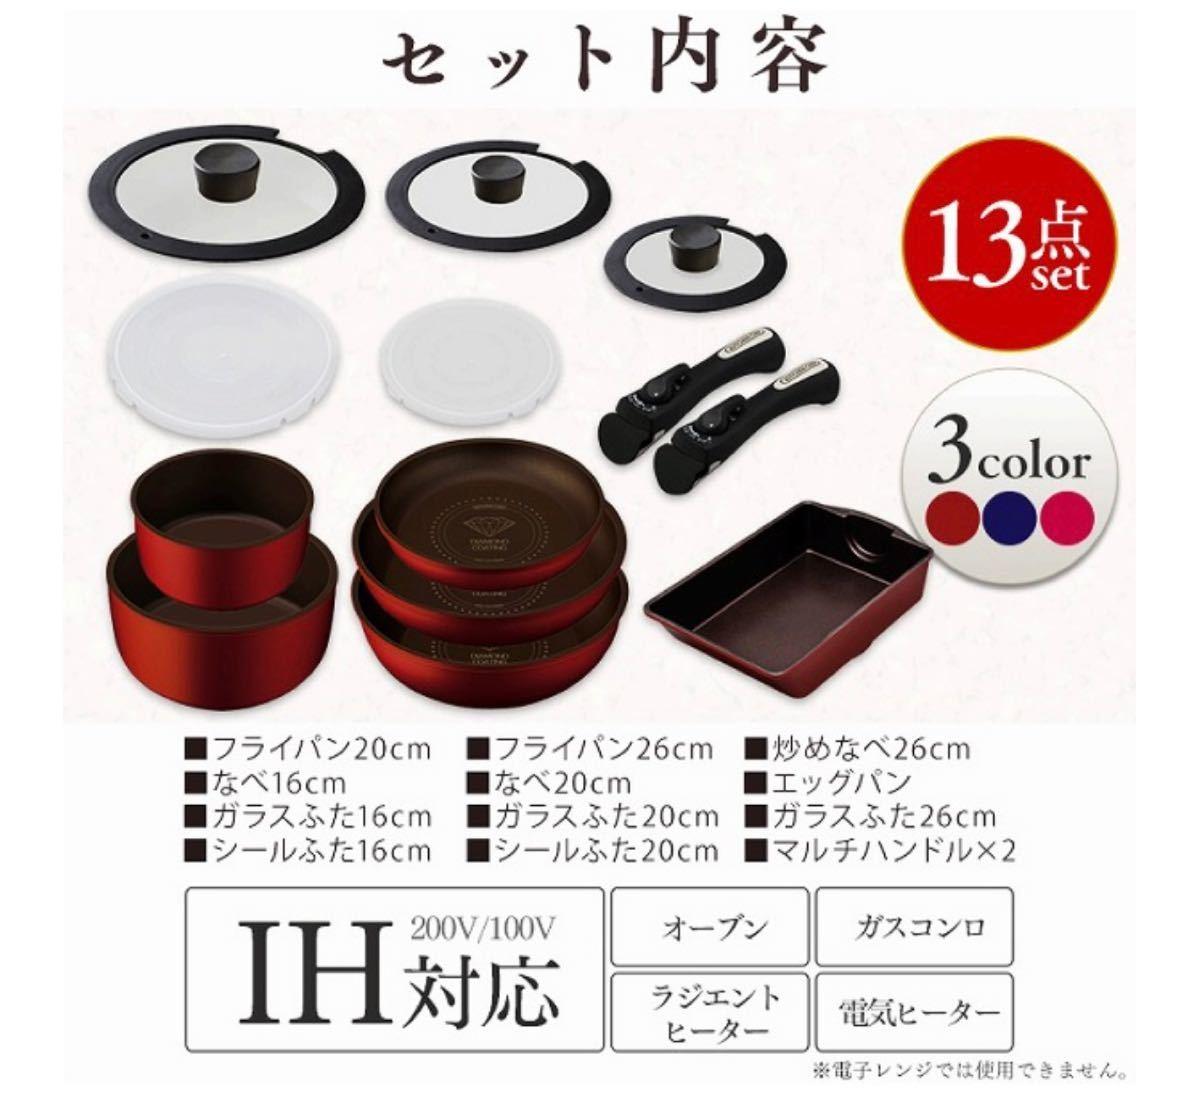 アイリスオーヤマ フライパンセット ピンク ダイヤモンドコートパン13点セット H-ISSE13P